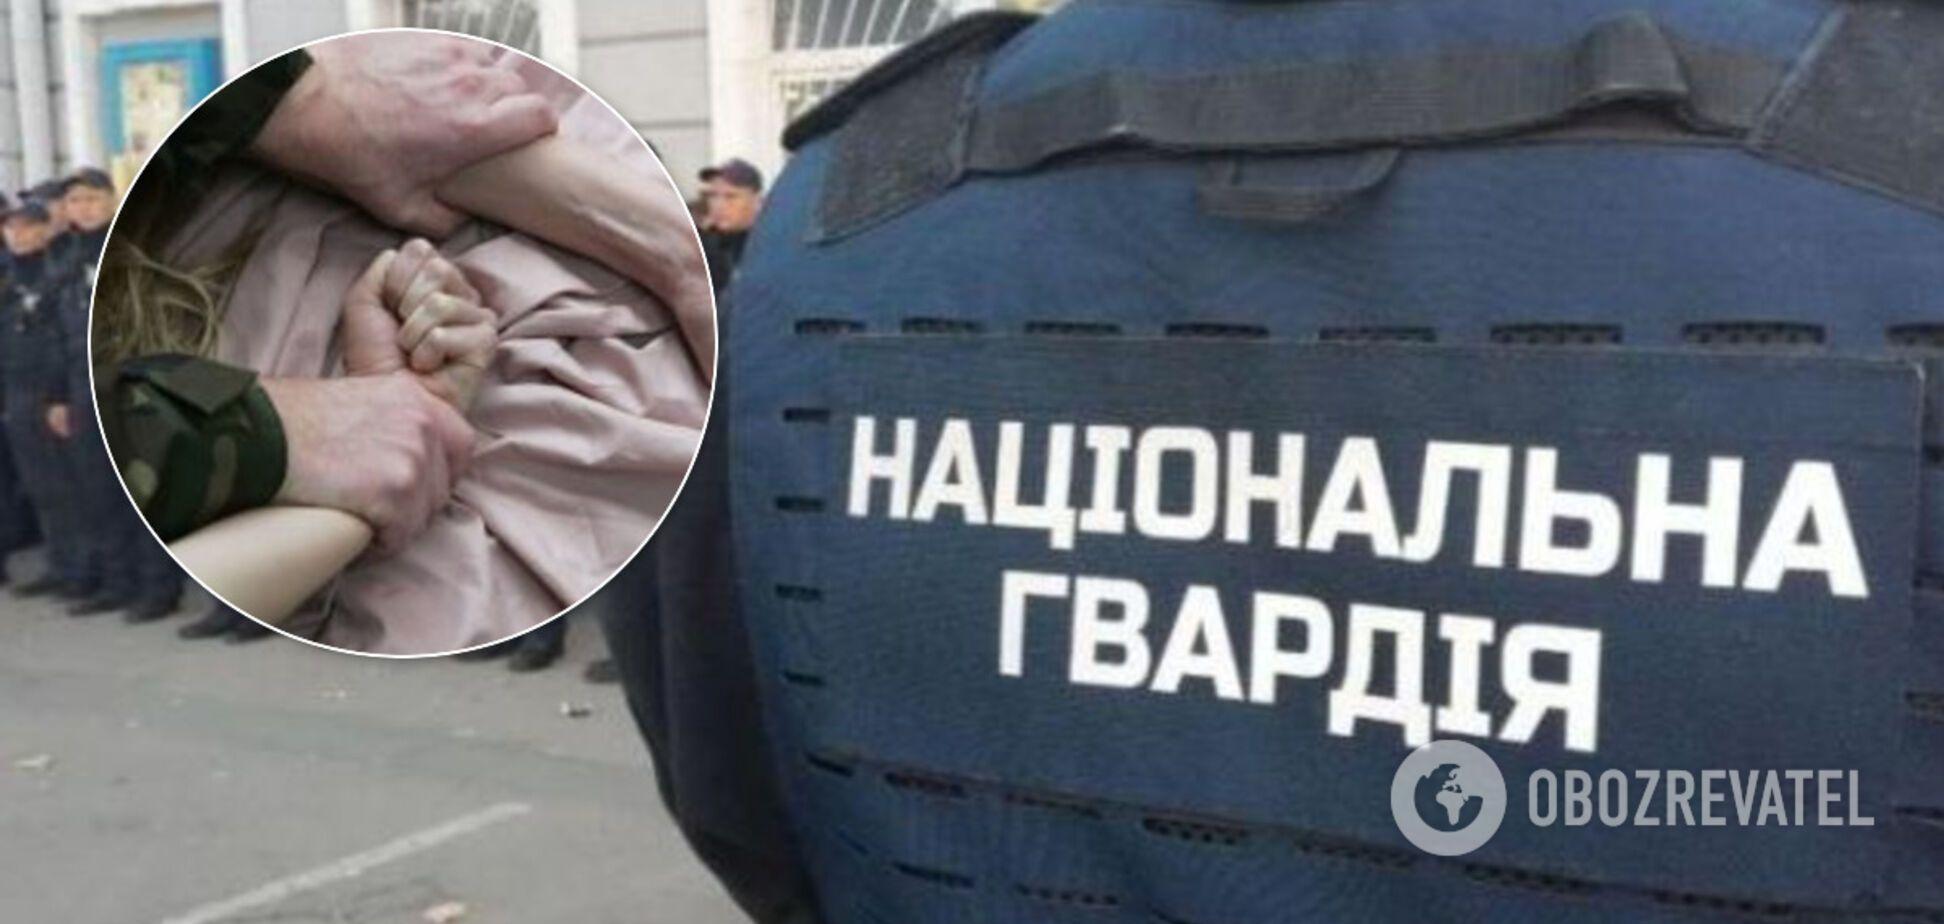 В Ужгороде изнасиловали несовершеннолетнюю: в Нацгвардии ответили